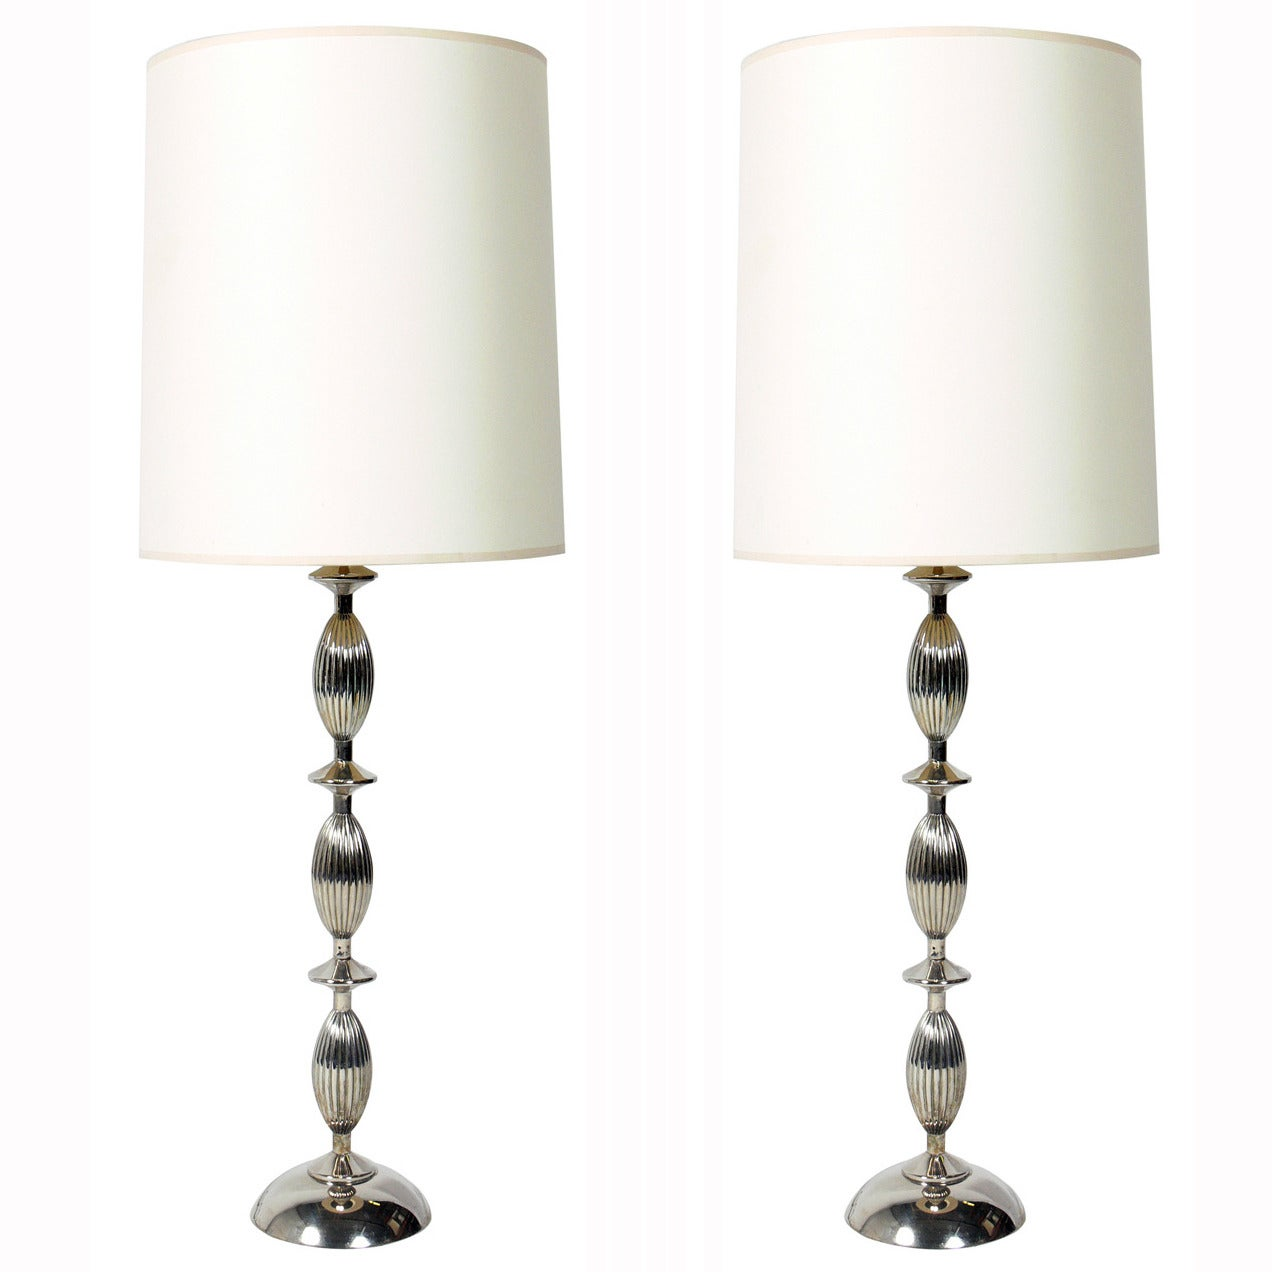 Pair of Elegant Nickel Plated Lamps